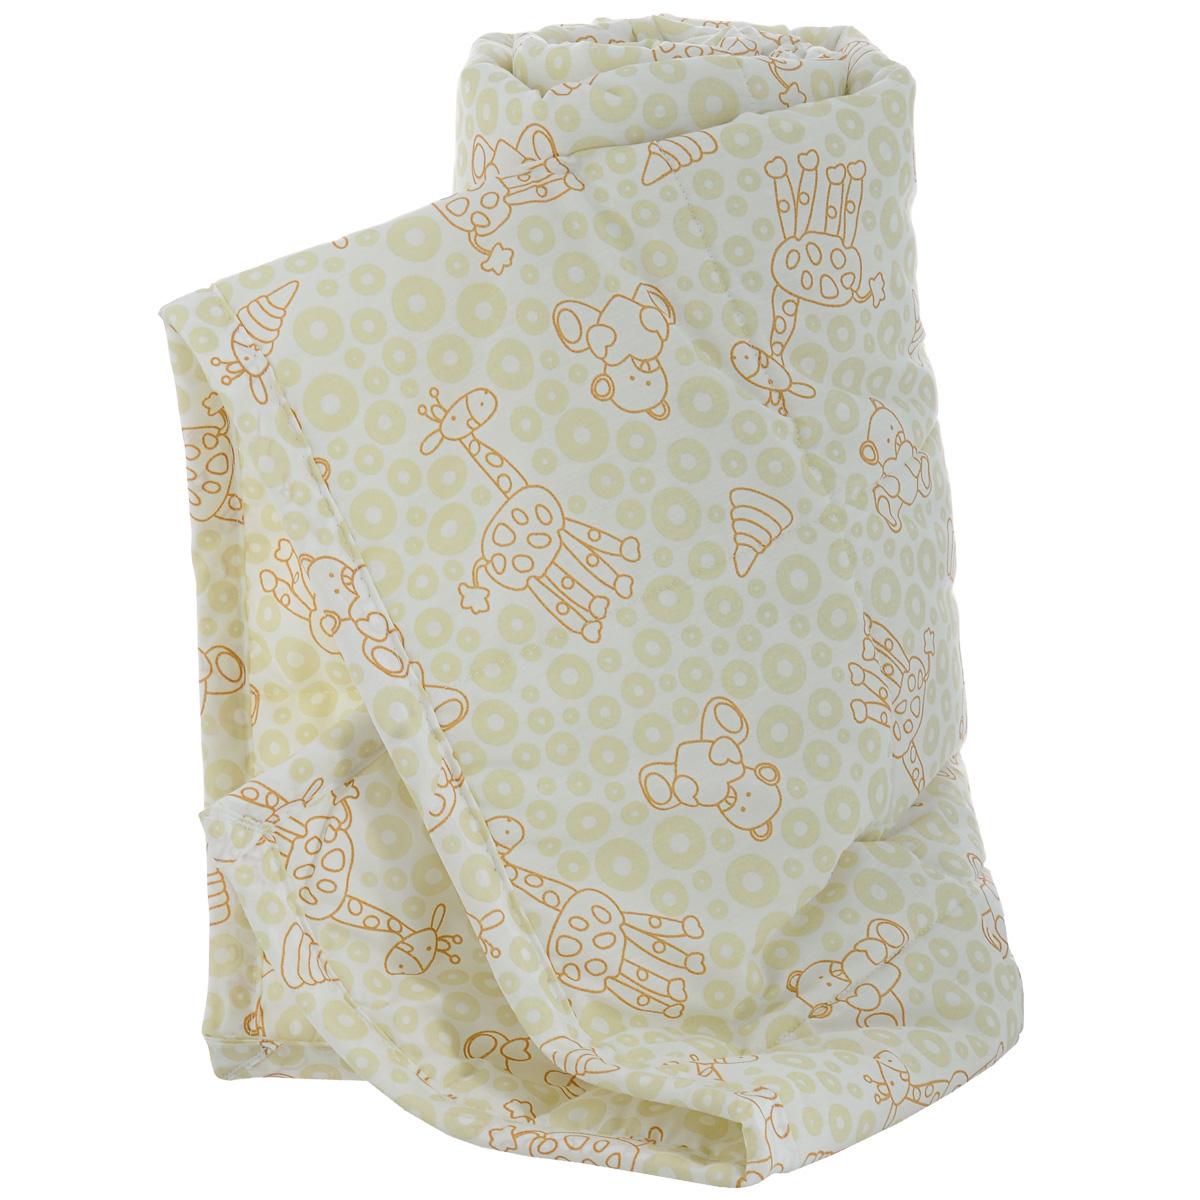 Одеяло детское Baby Nice Жирафы, стеганое, цвет: бежевый, 105 см x 140 см. Q0412123Q0412123